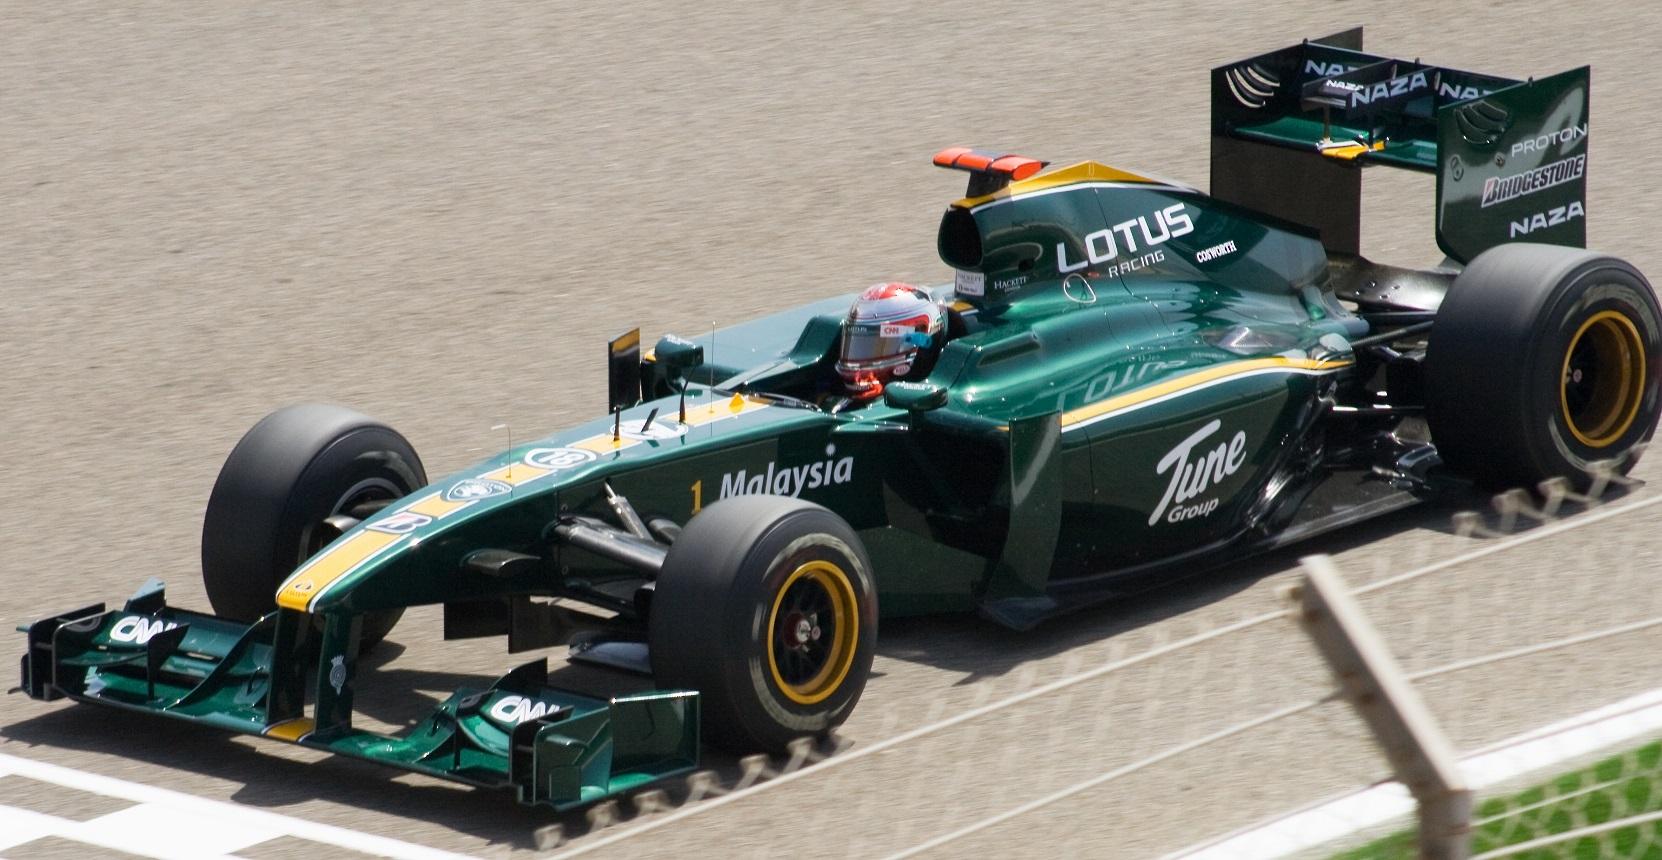 Najbliżej od Polski - wyścigi Formuły F1 w Budapeszcie.